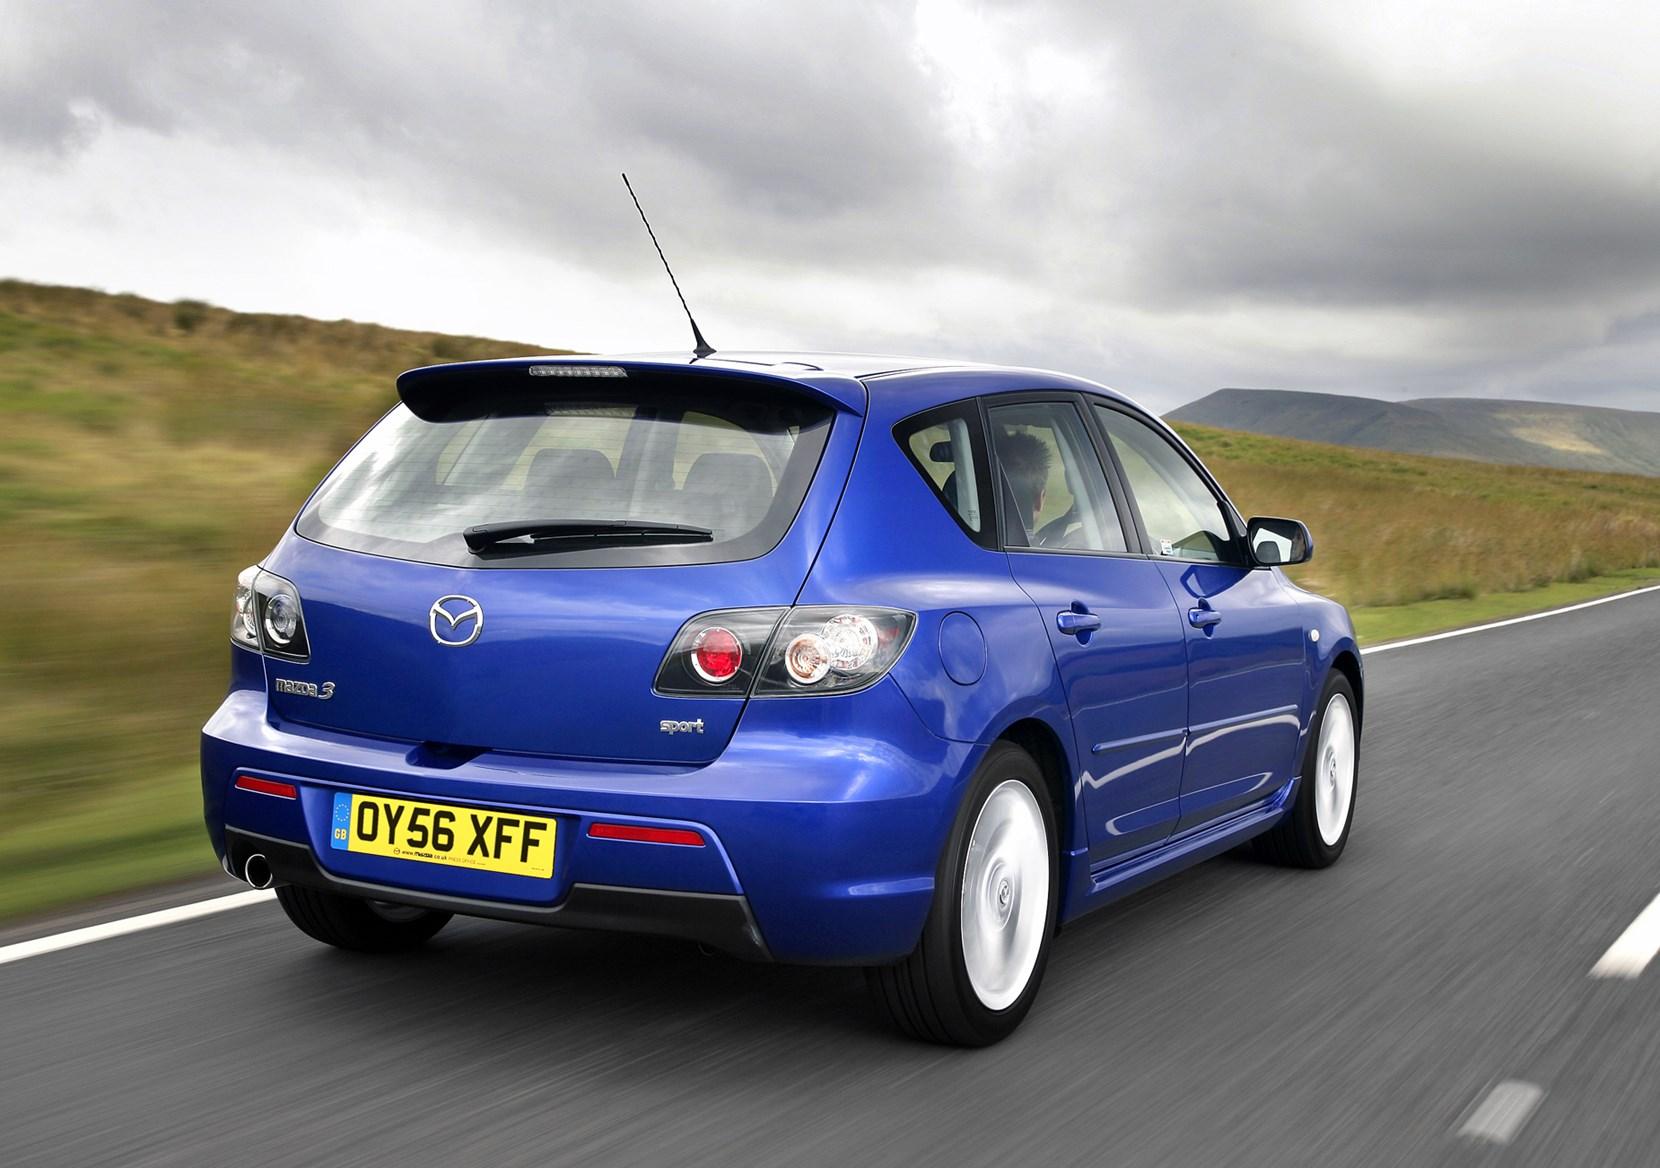 Mazda 3 2008 Hatchback >> Mazda 3 Hatchback (2004 - 2008) Photos | Parkers